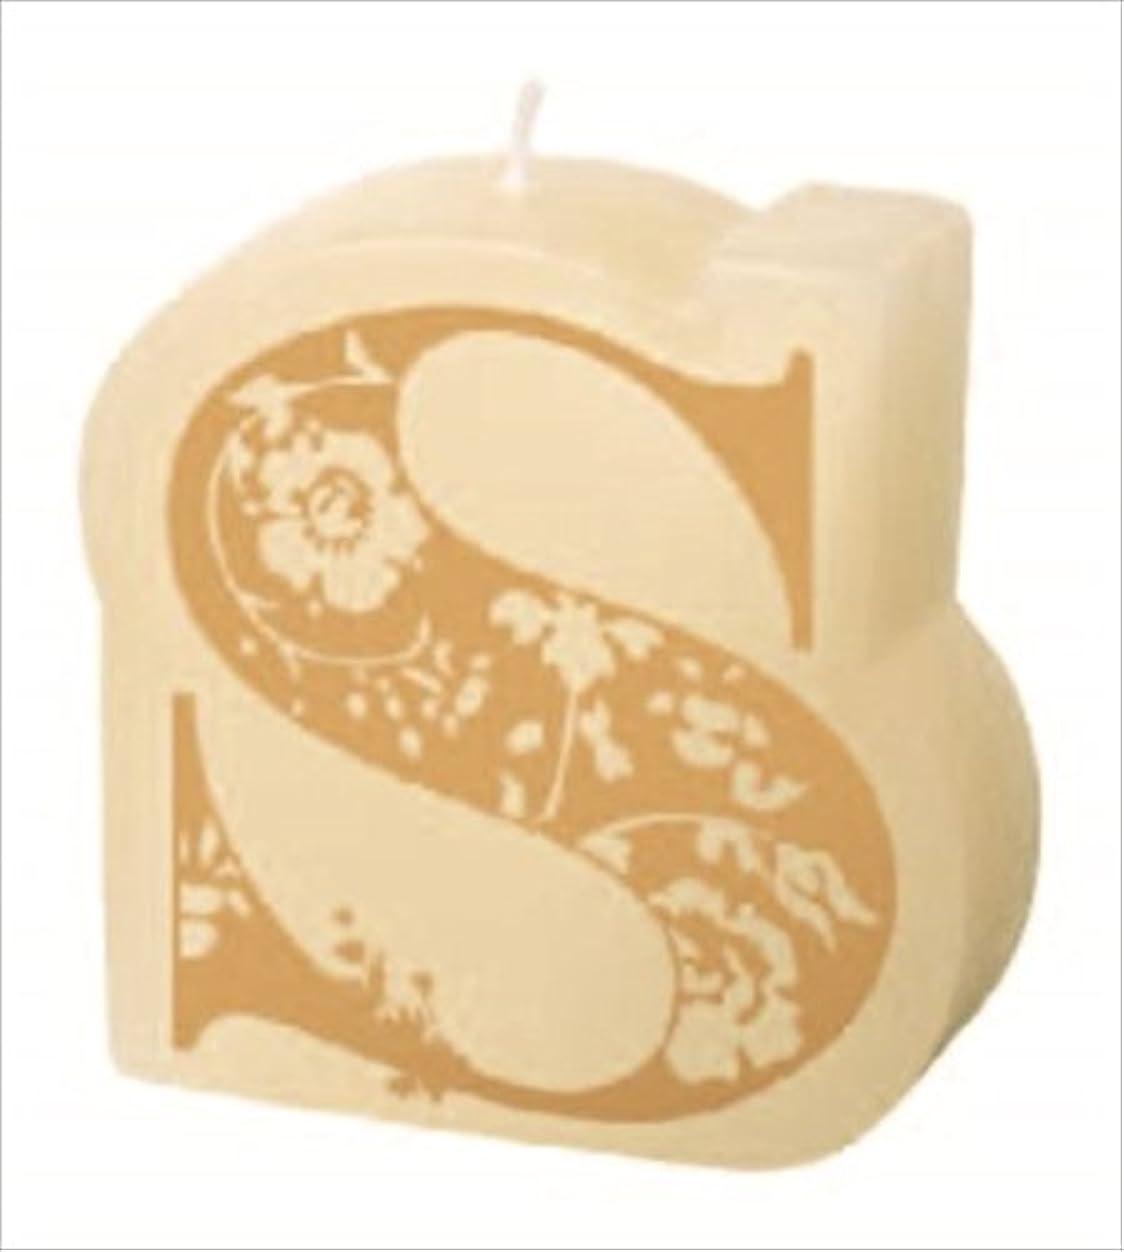 厳密にコート不純カメヤマキャンドル(kameyama candle) イニシャルキャンドルミニ 「 S 」